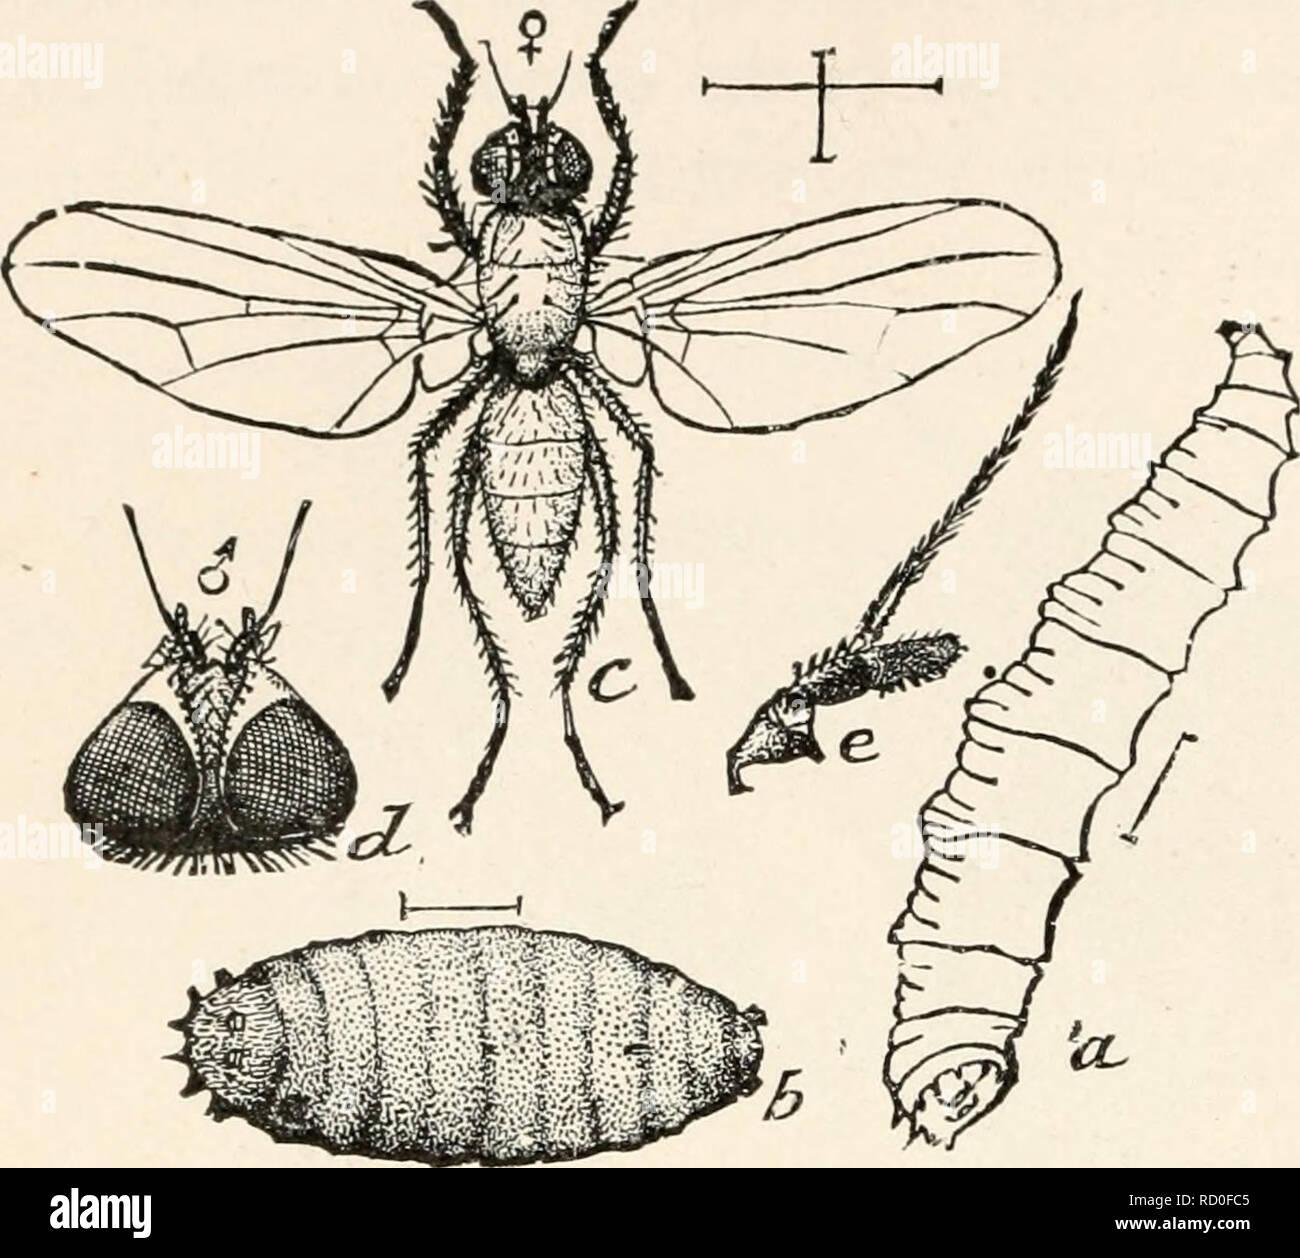 Elementare Entomologie Insekten 238 Elementare Entomologie Die